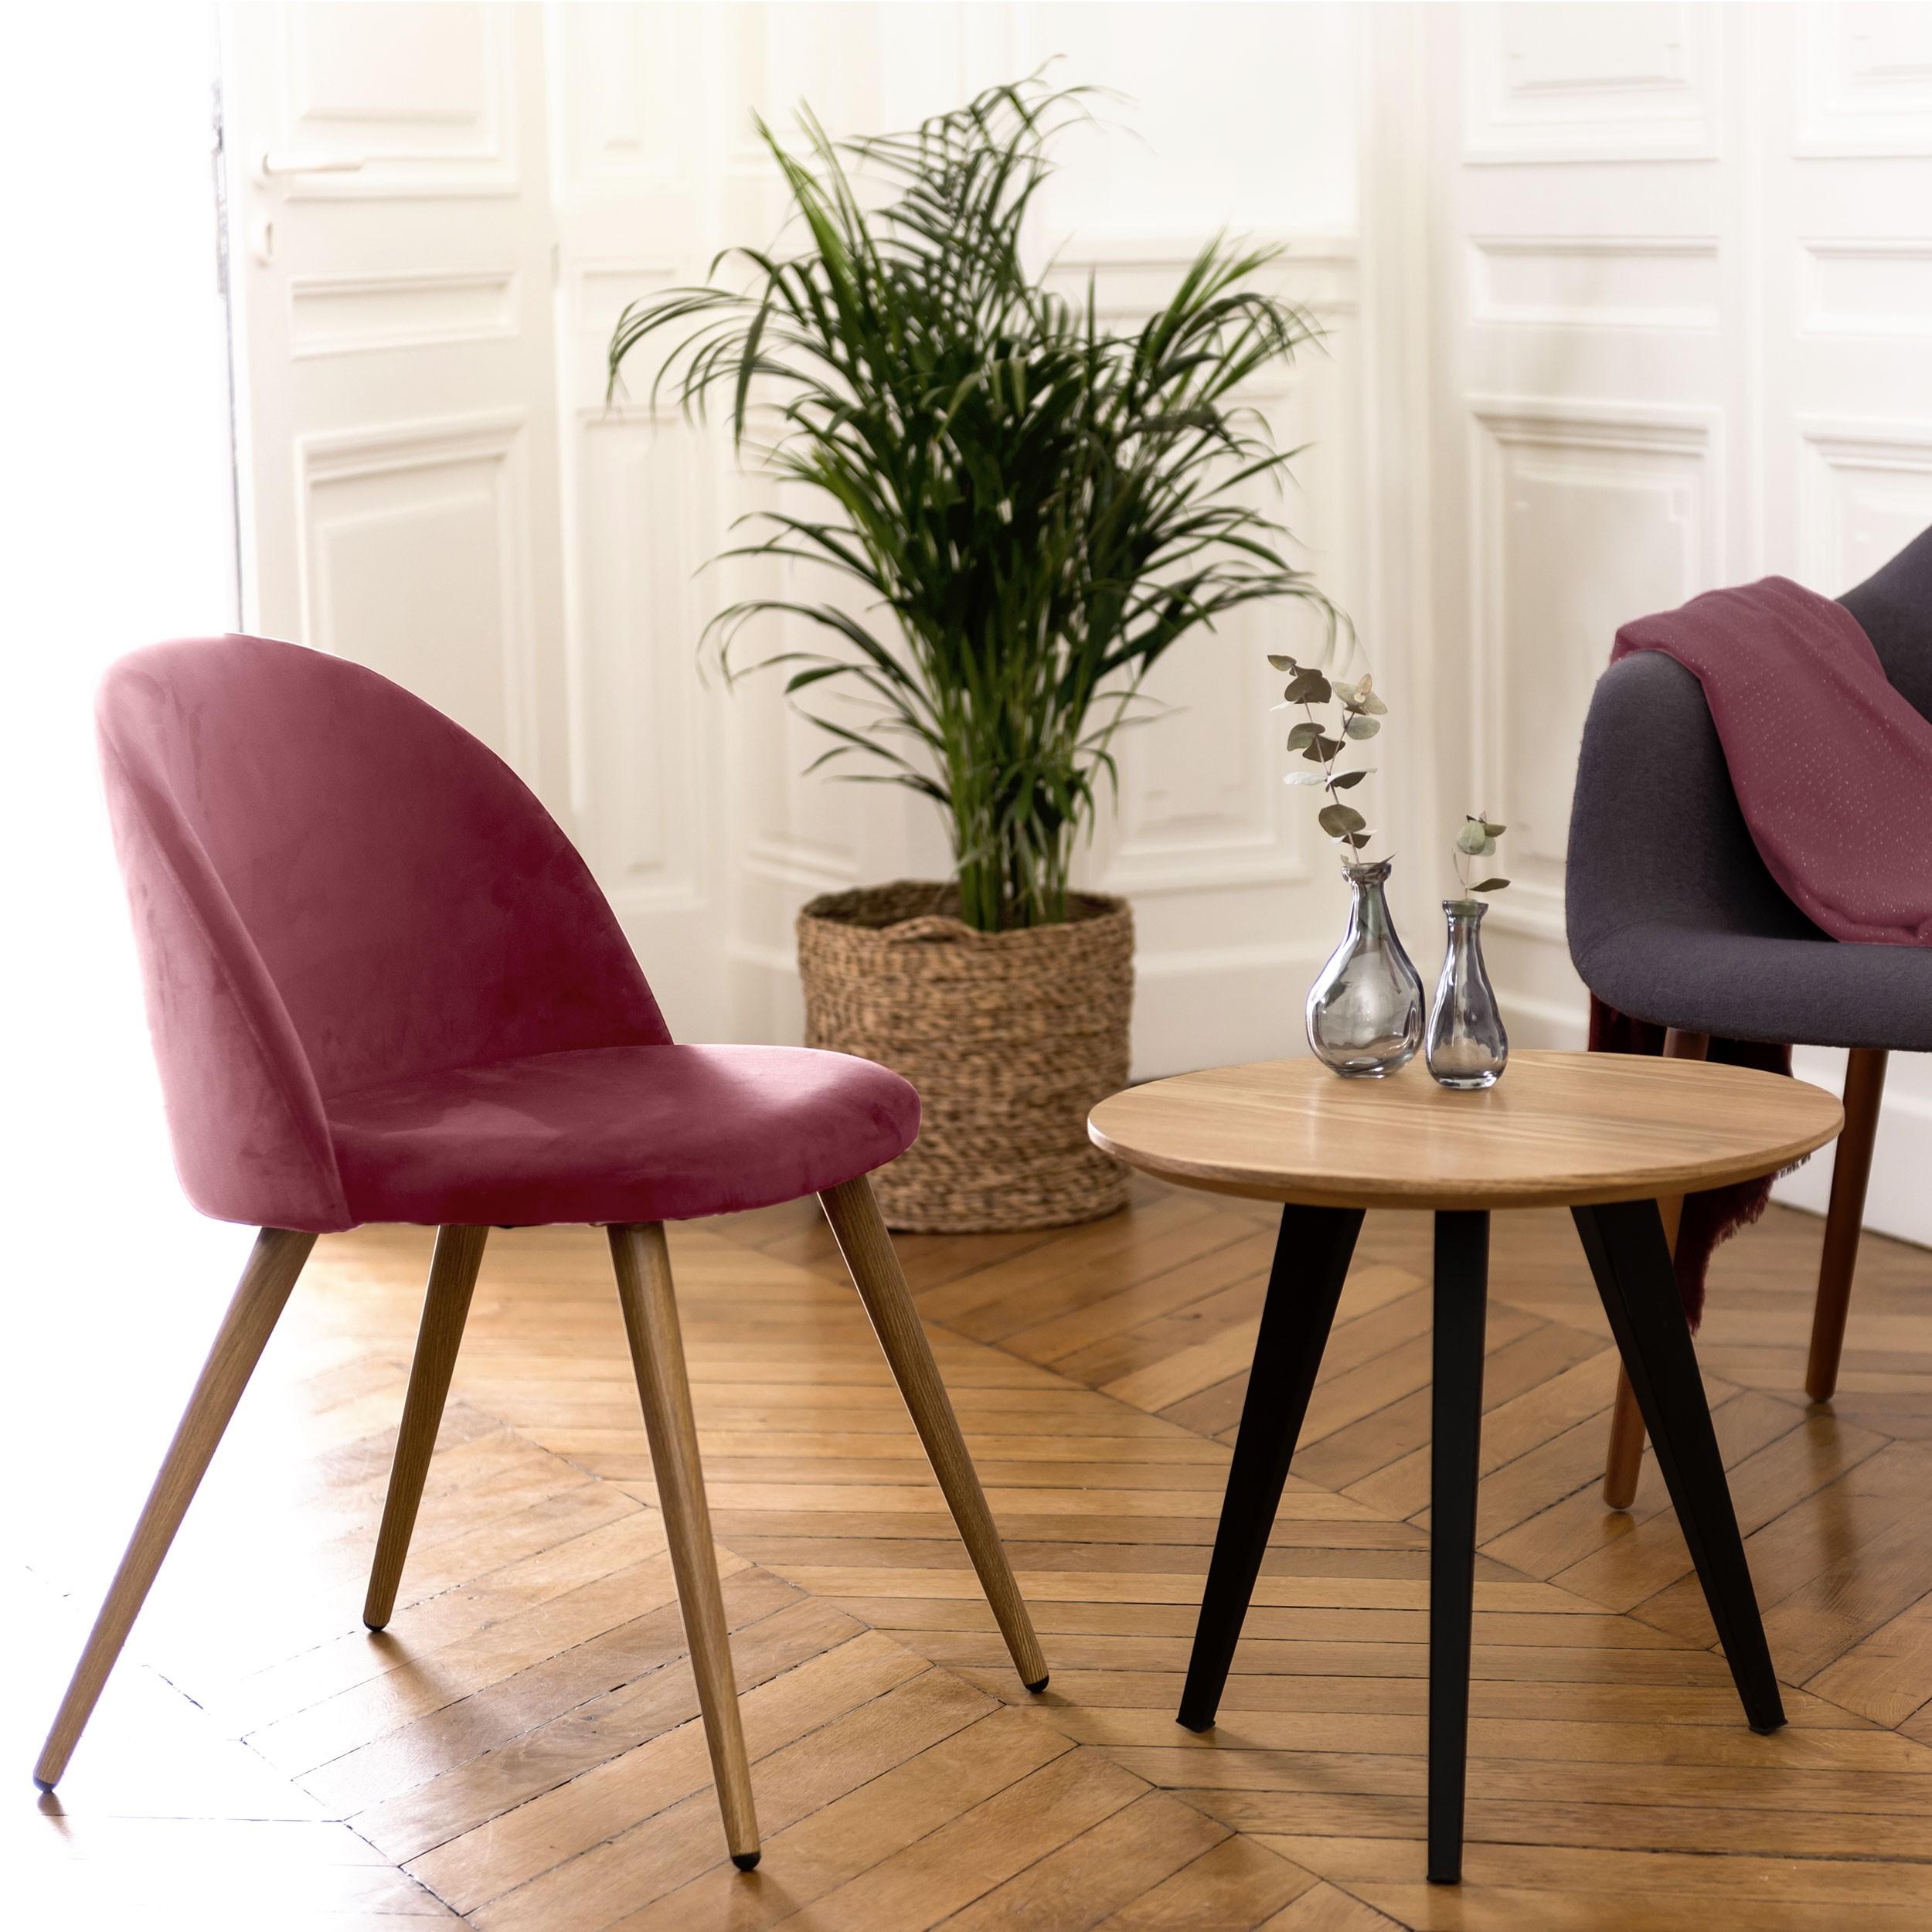 chaise cozy en velours rose lot de 2 choisissez les chaises cozy en velours rose lot de 2. Black Bedroom Furniture Sets. Home Design Ideas